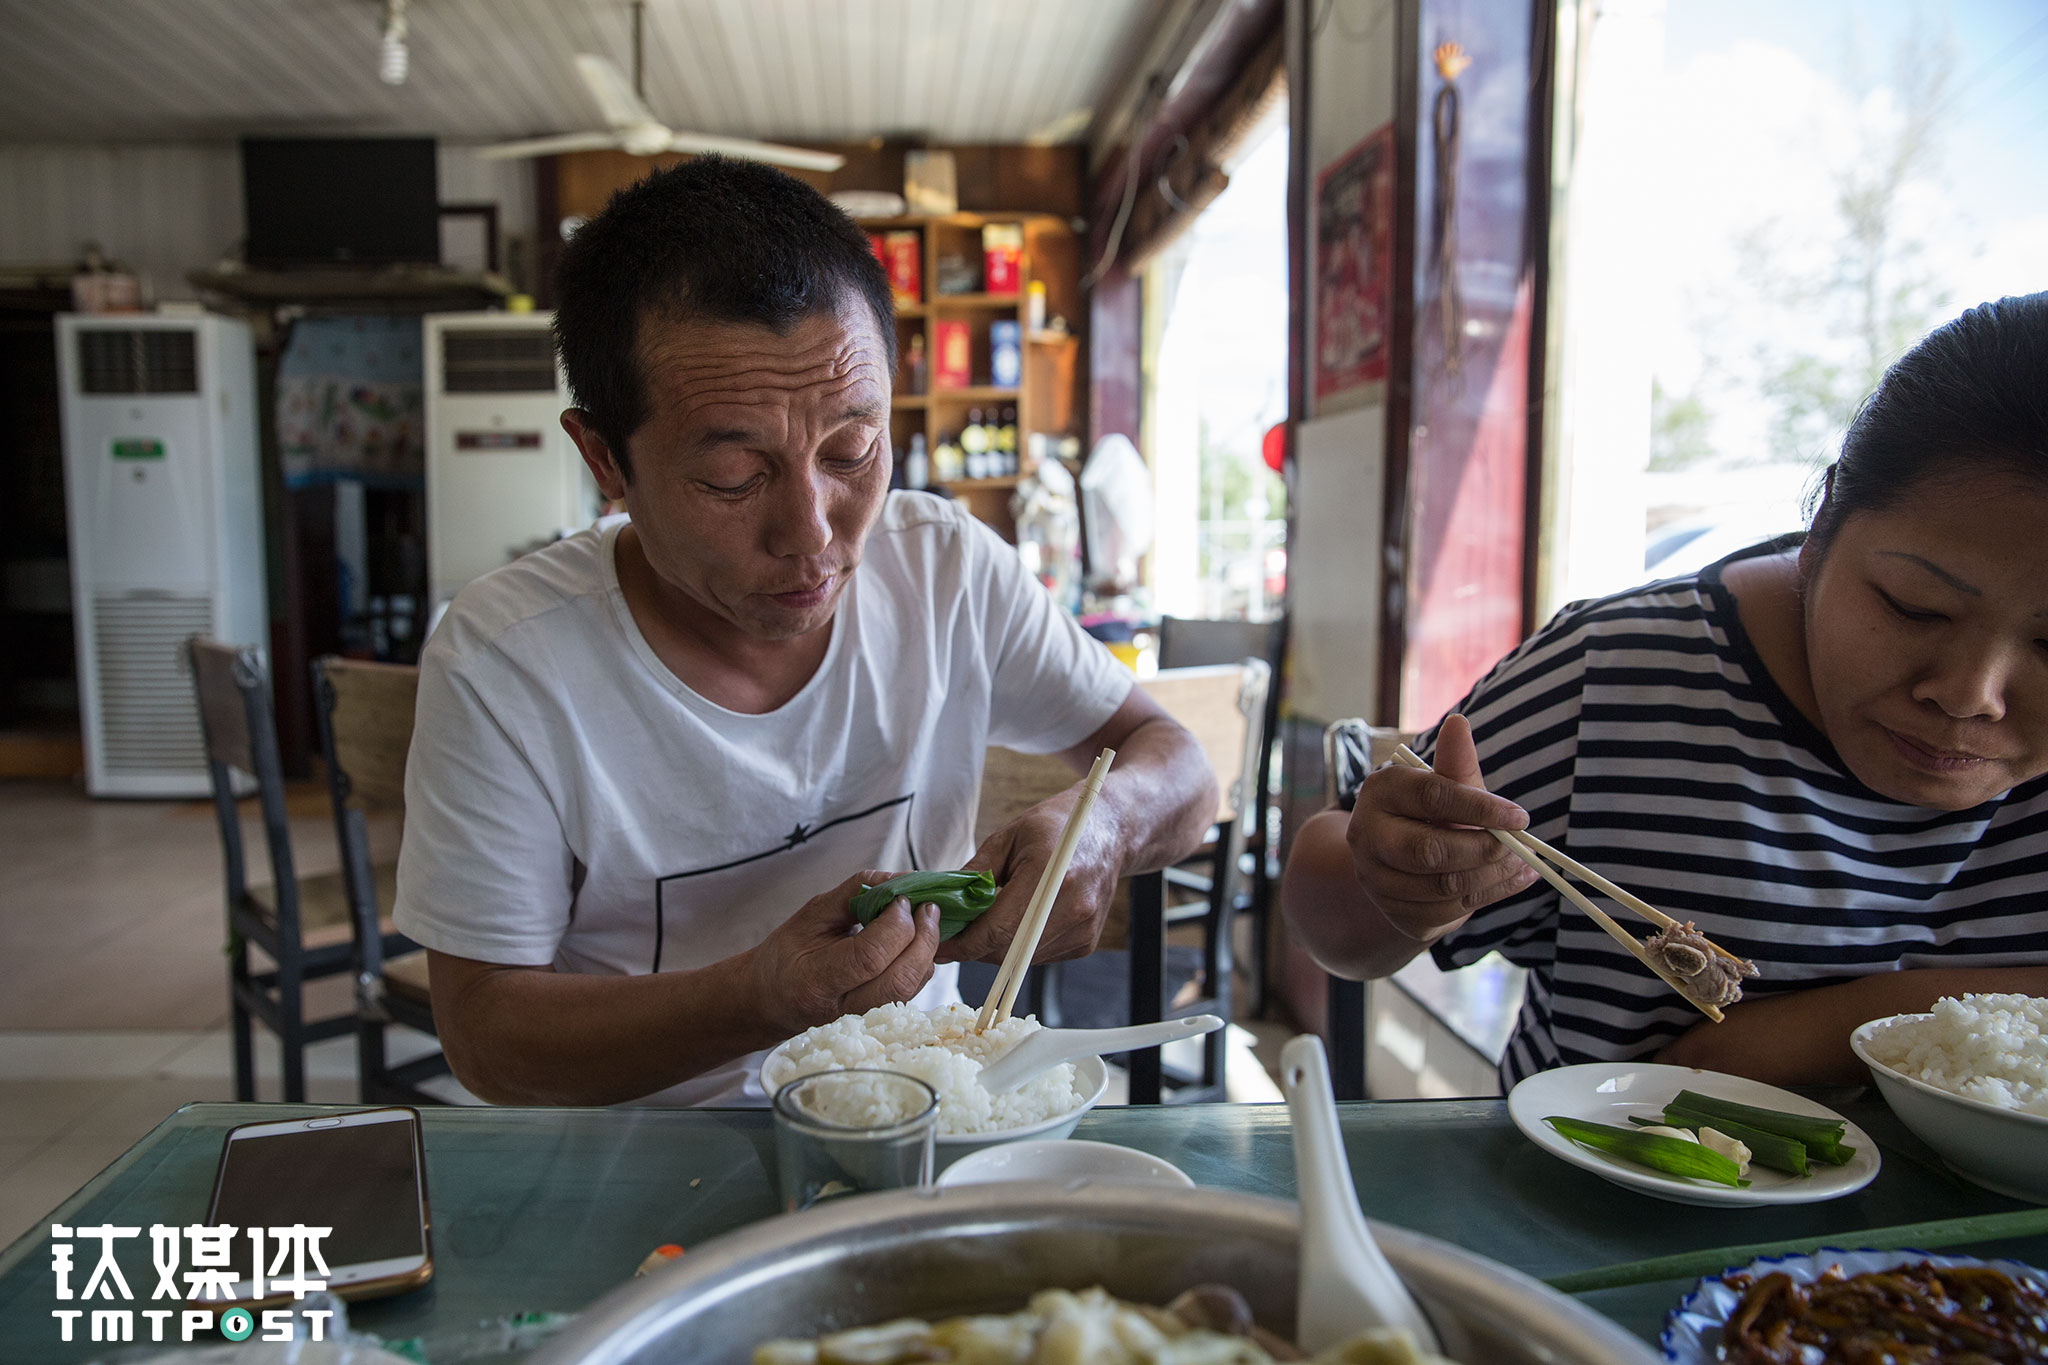 """在路边一个餐馆,俩人开心地吃起了家乡菜:""""全国除了西藏都跑遍了,最喜欢吃的还是家里这口。"""""""